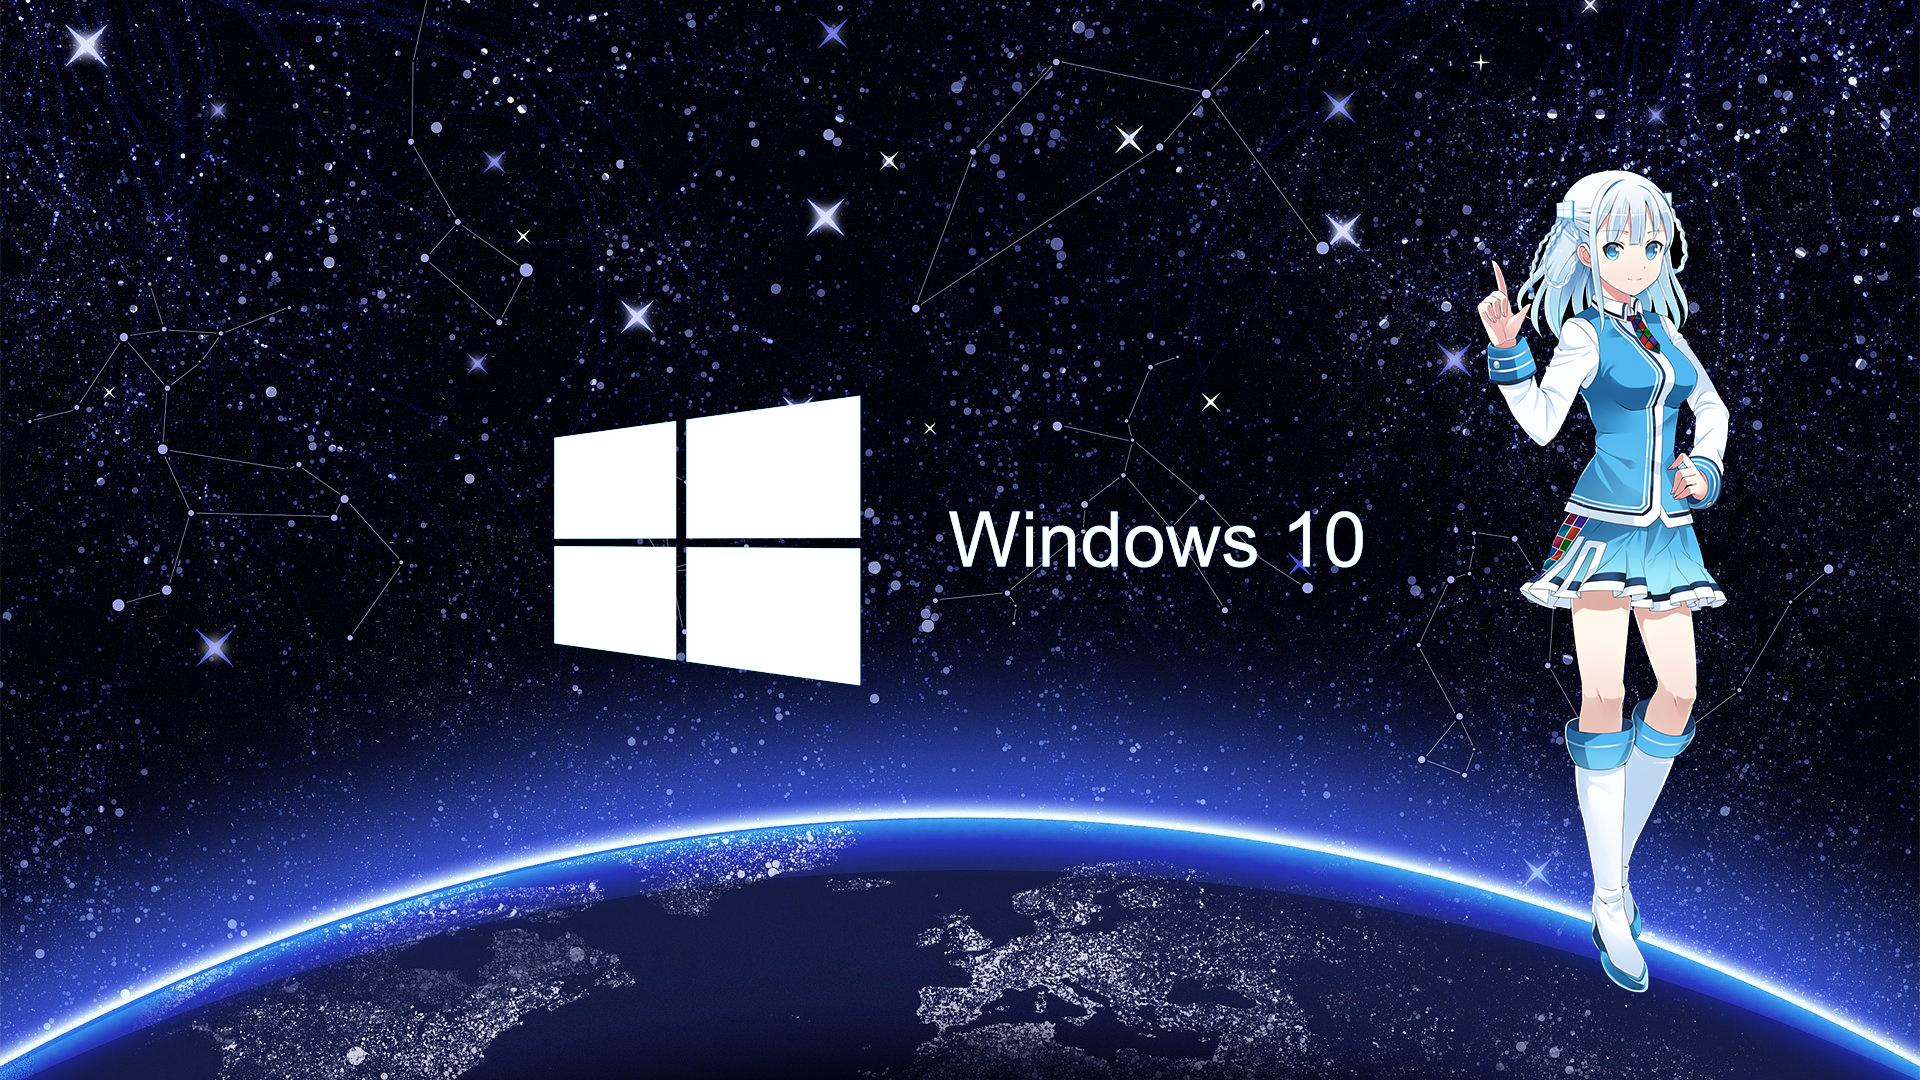 Hd wallpaper windows 10 - Wallpaper For Window 10 Hd Wallpaper 19201080